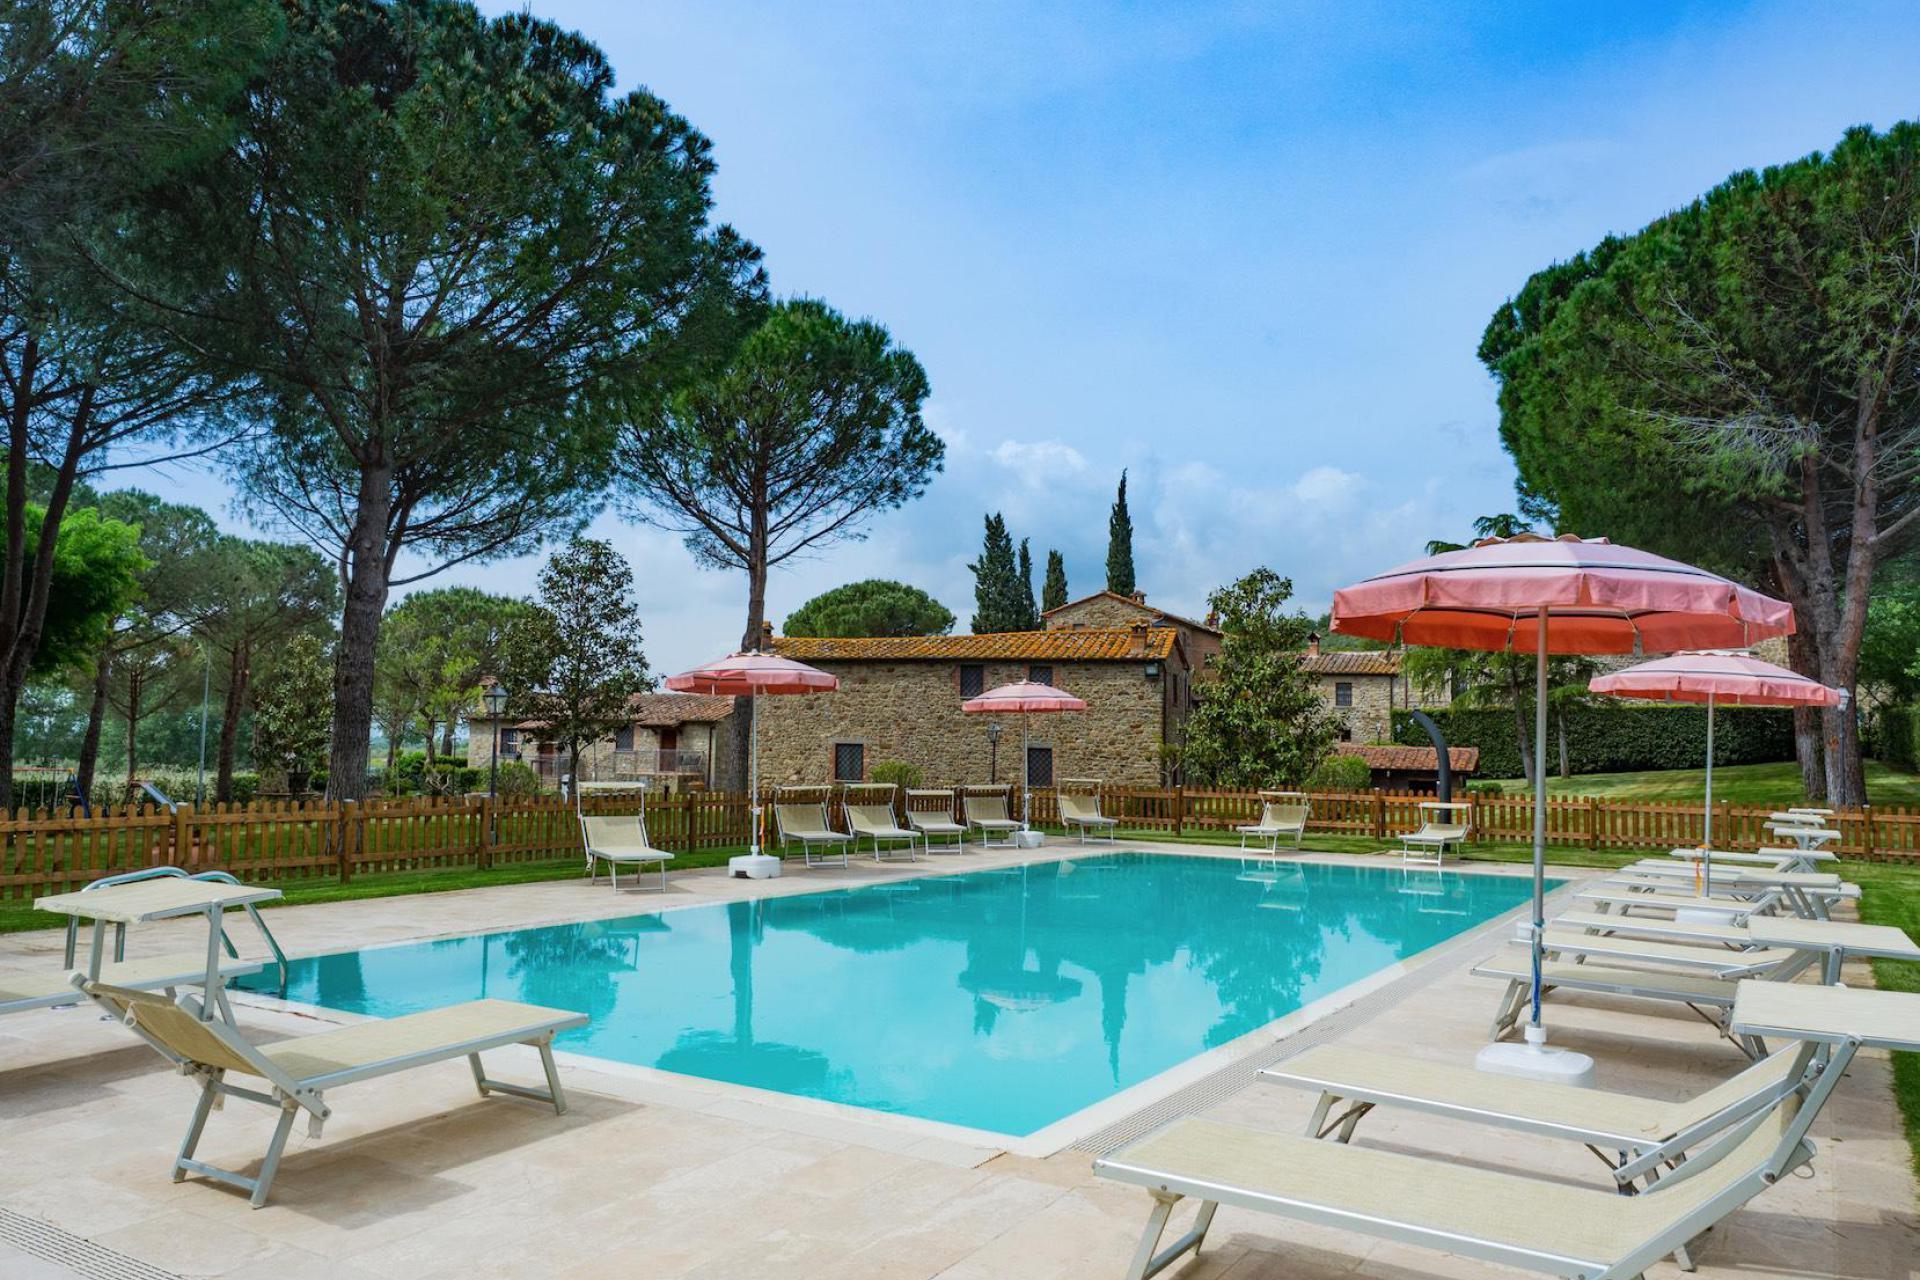 Agriturismo Apulien Trullo mit privatem Pool in Olivenhain